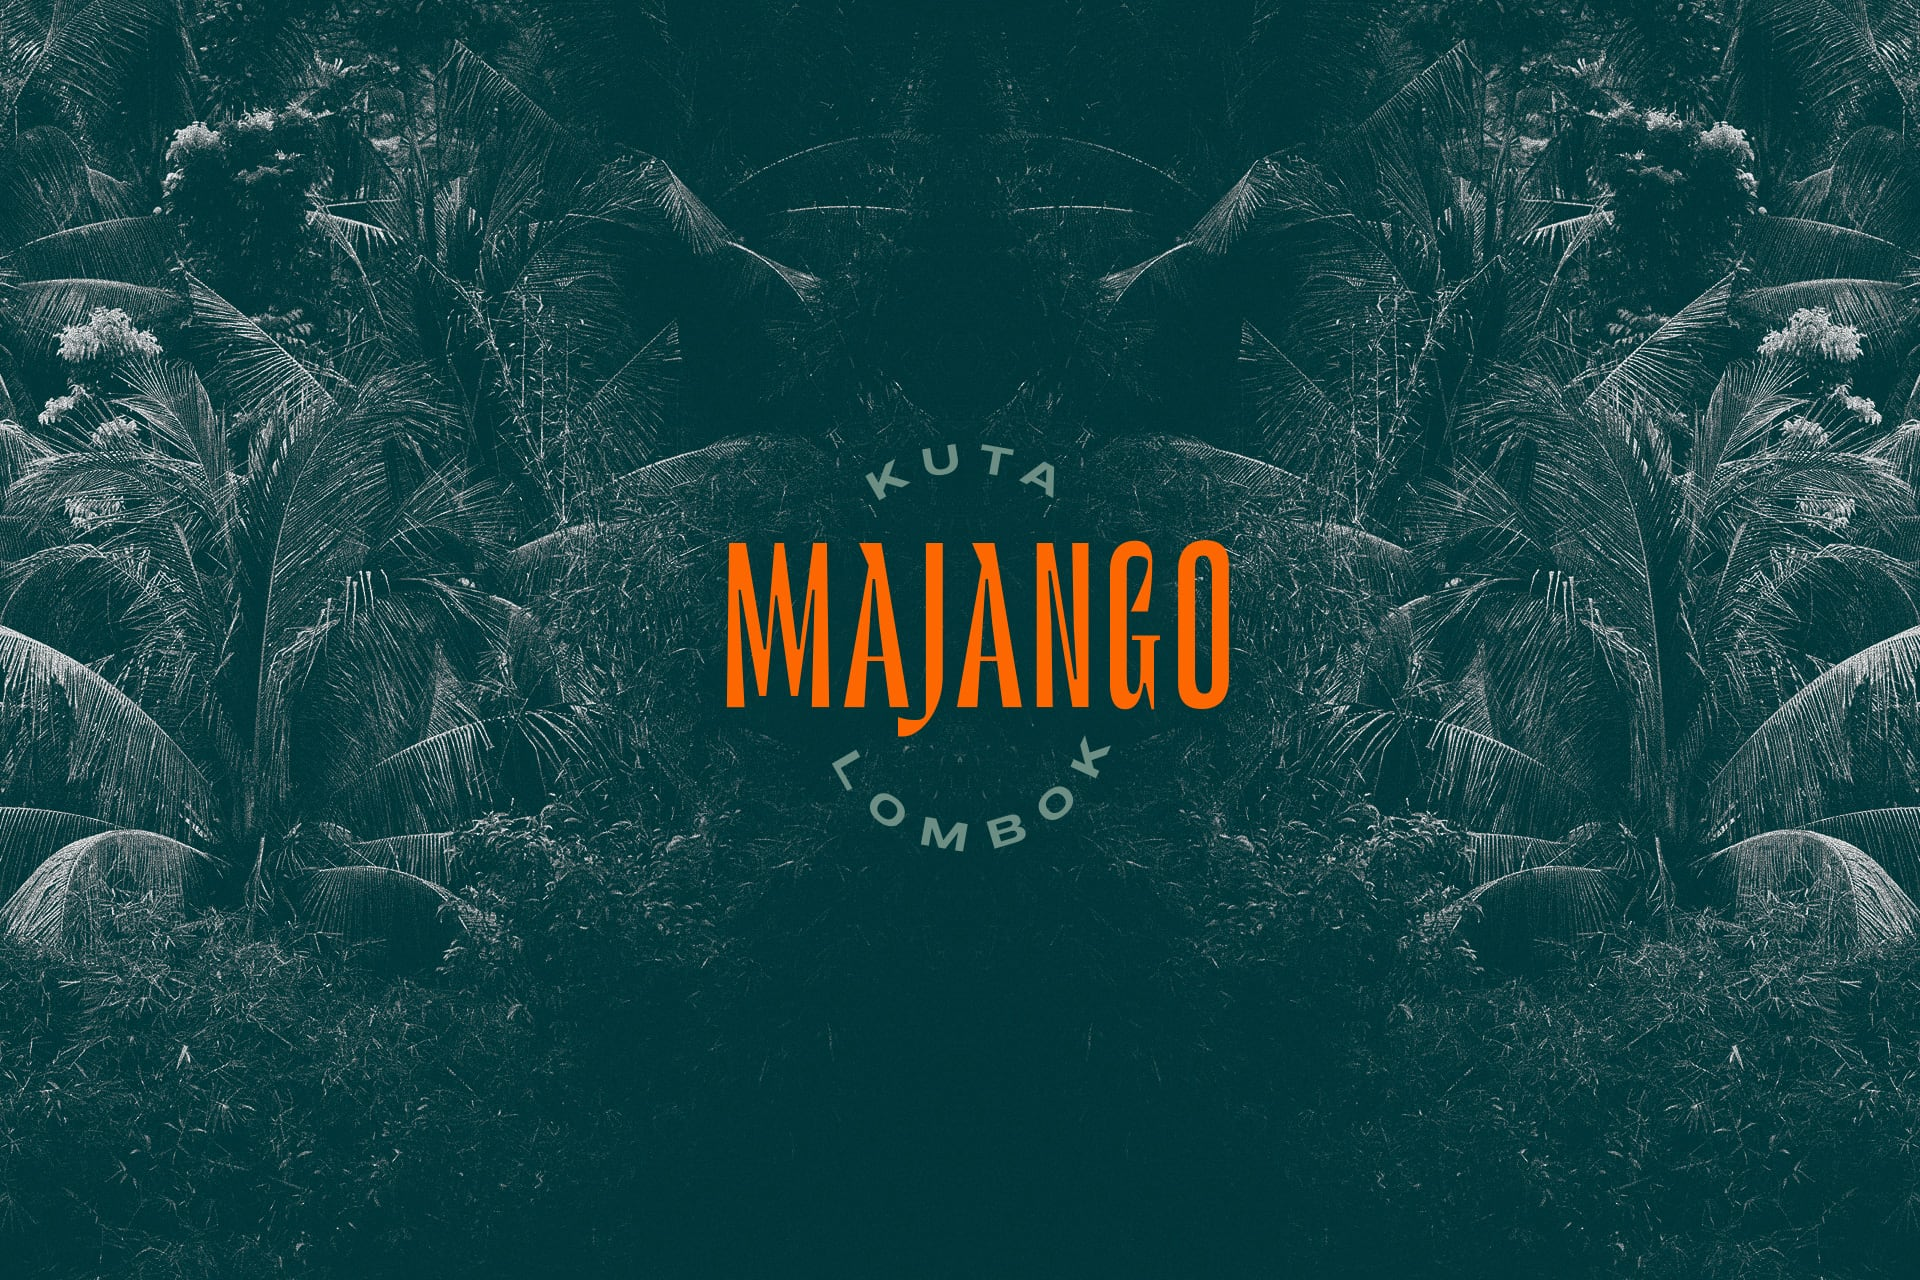 01-Majango2020-1920px_01